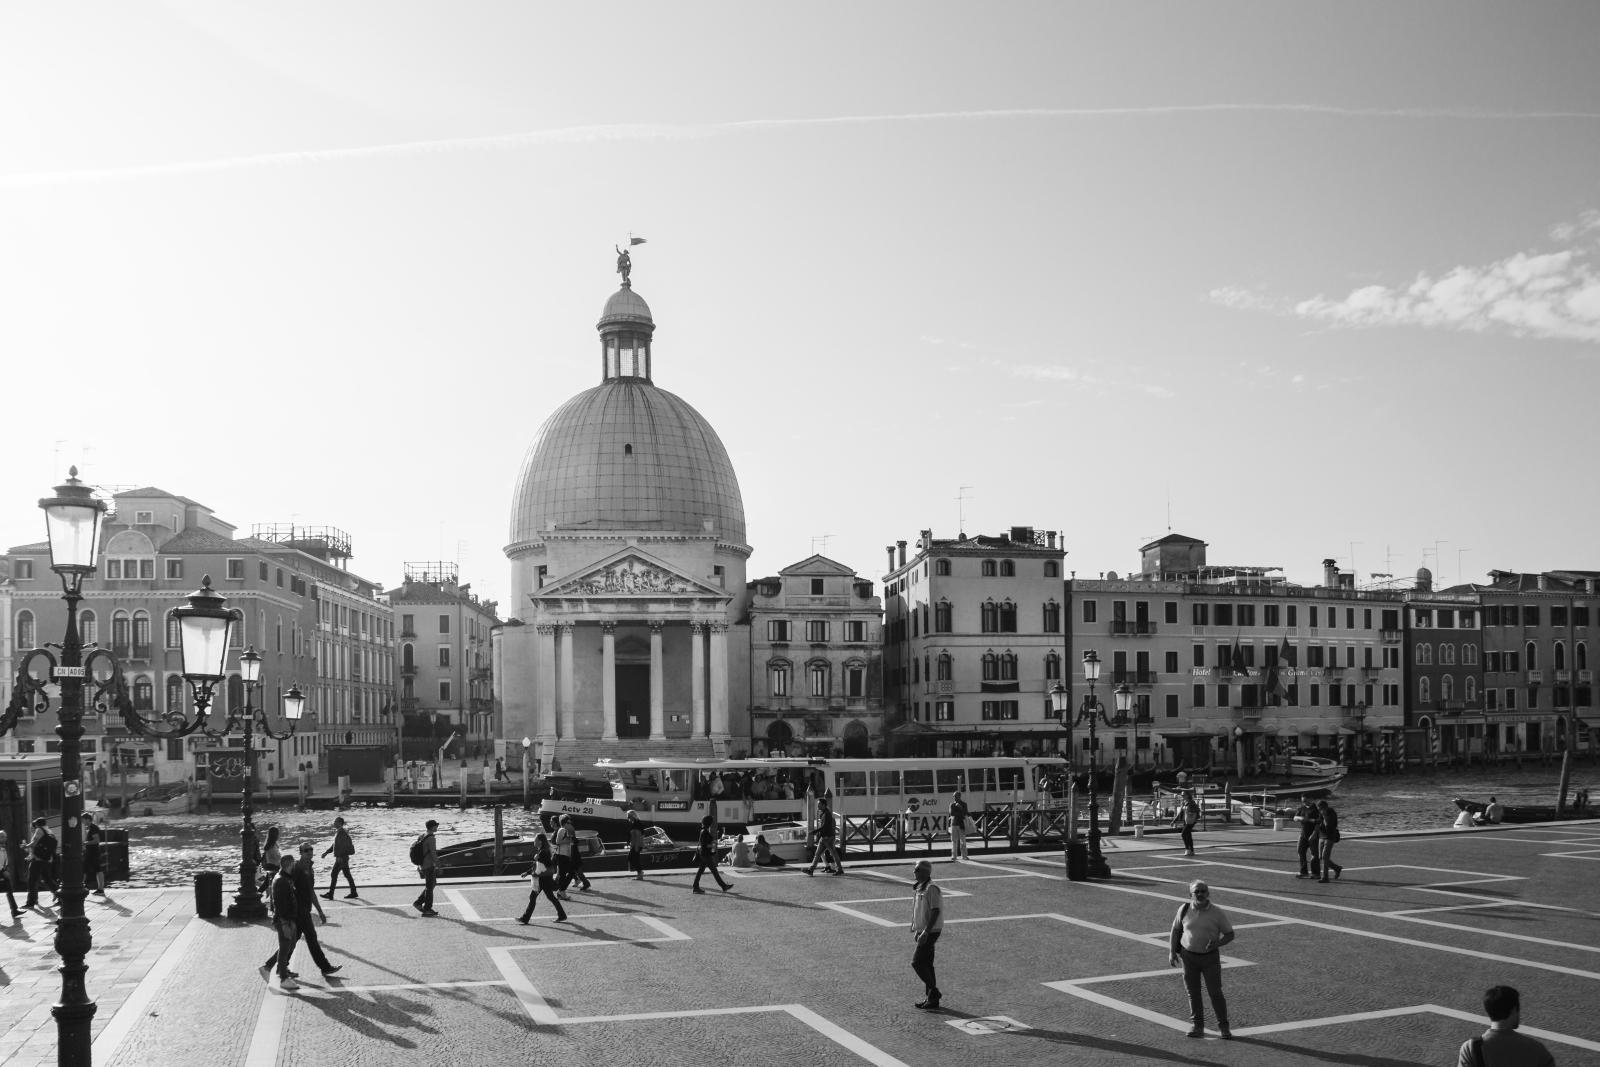 Venedig vom Bahnhof aus